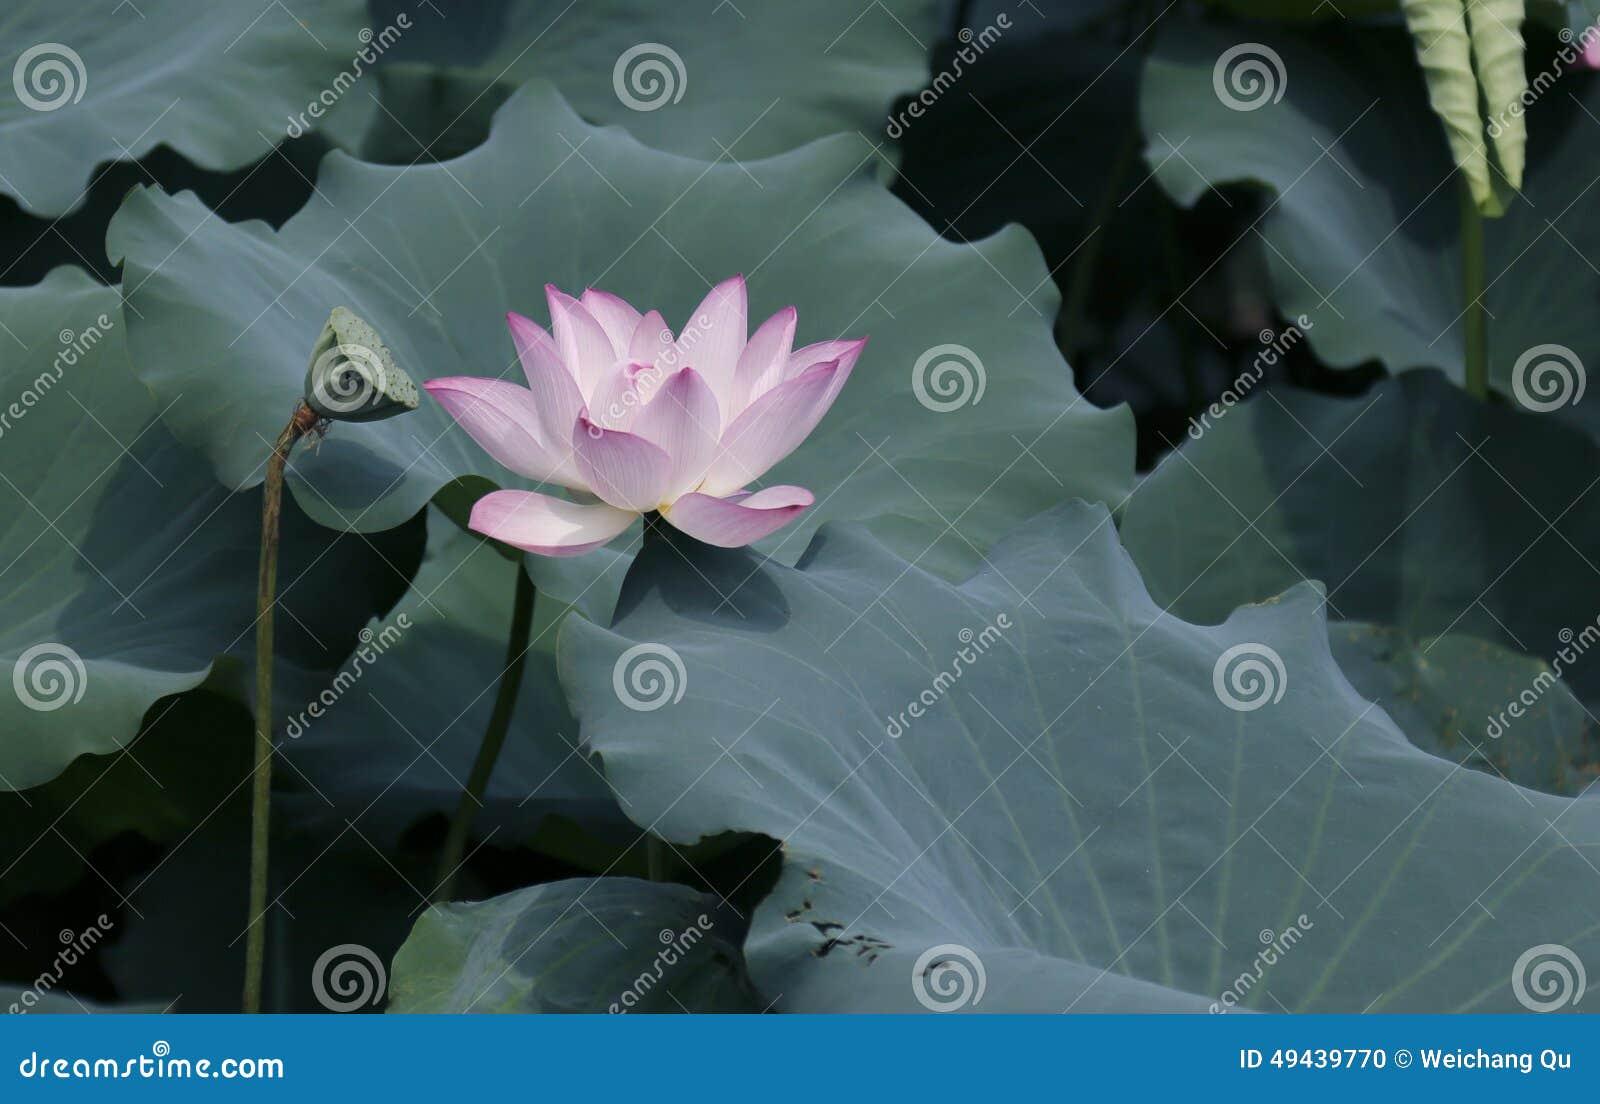 Εγκαταστάσεις λουλουδιών Lotus και λουλουδιών Lotus